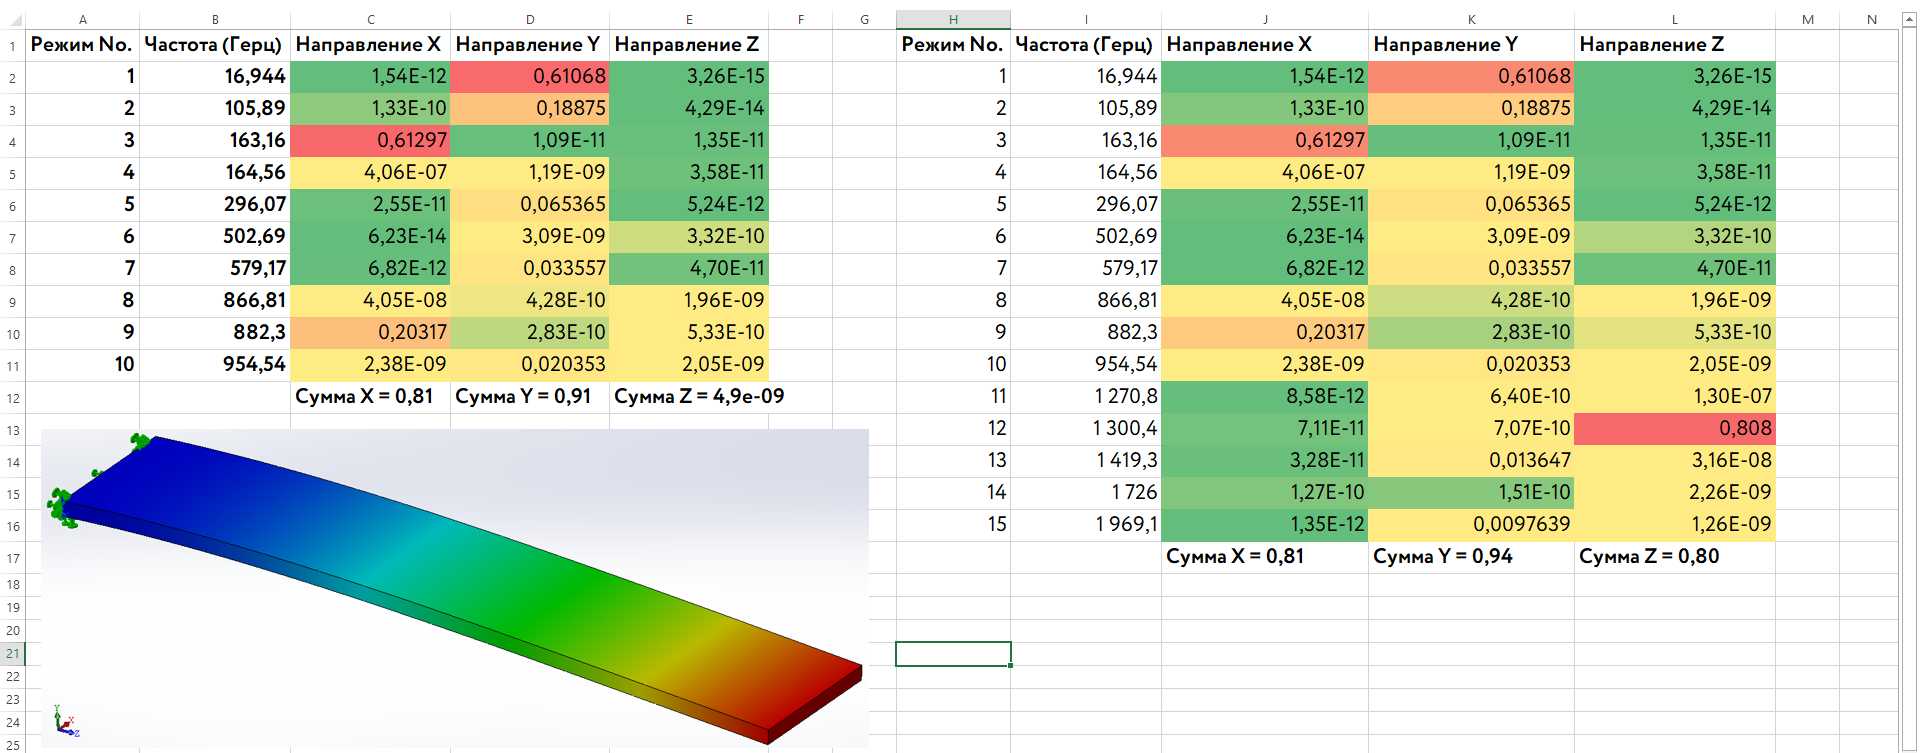 solidworks simulation, частотный анализ, динамический анализ, линейная динамика, массовое участие, суммарная масса, эффективная масса